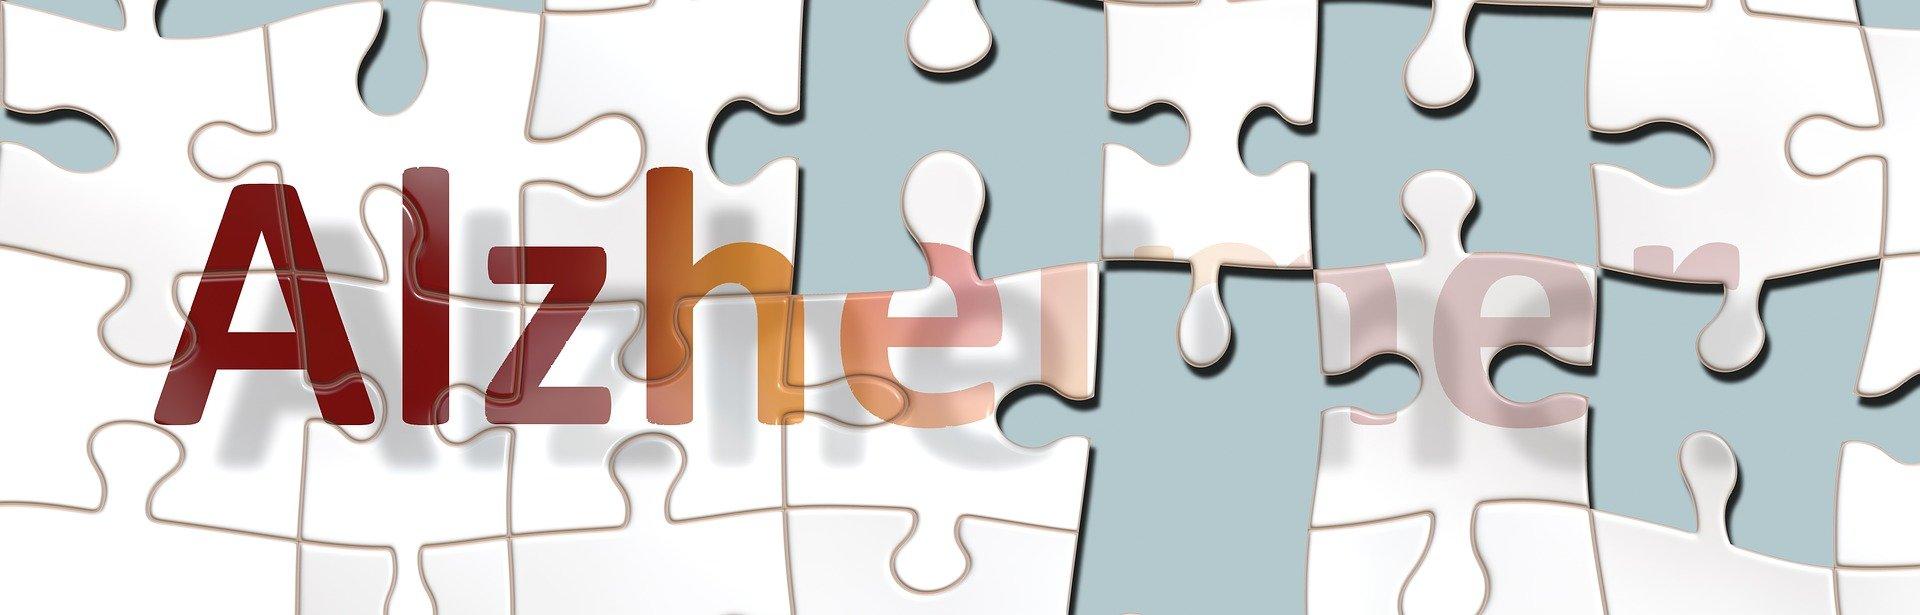 Keine Heilung, aber die Fortschritte in Verwaltung und Erkennung von Alzheimer